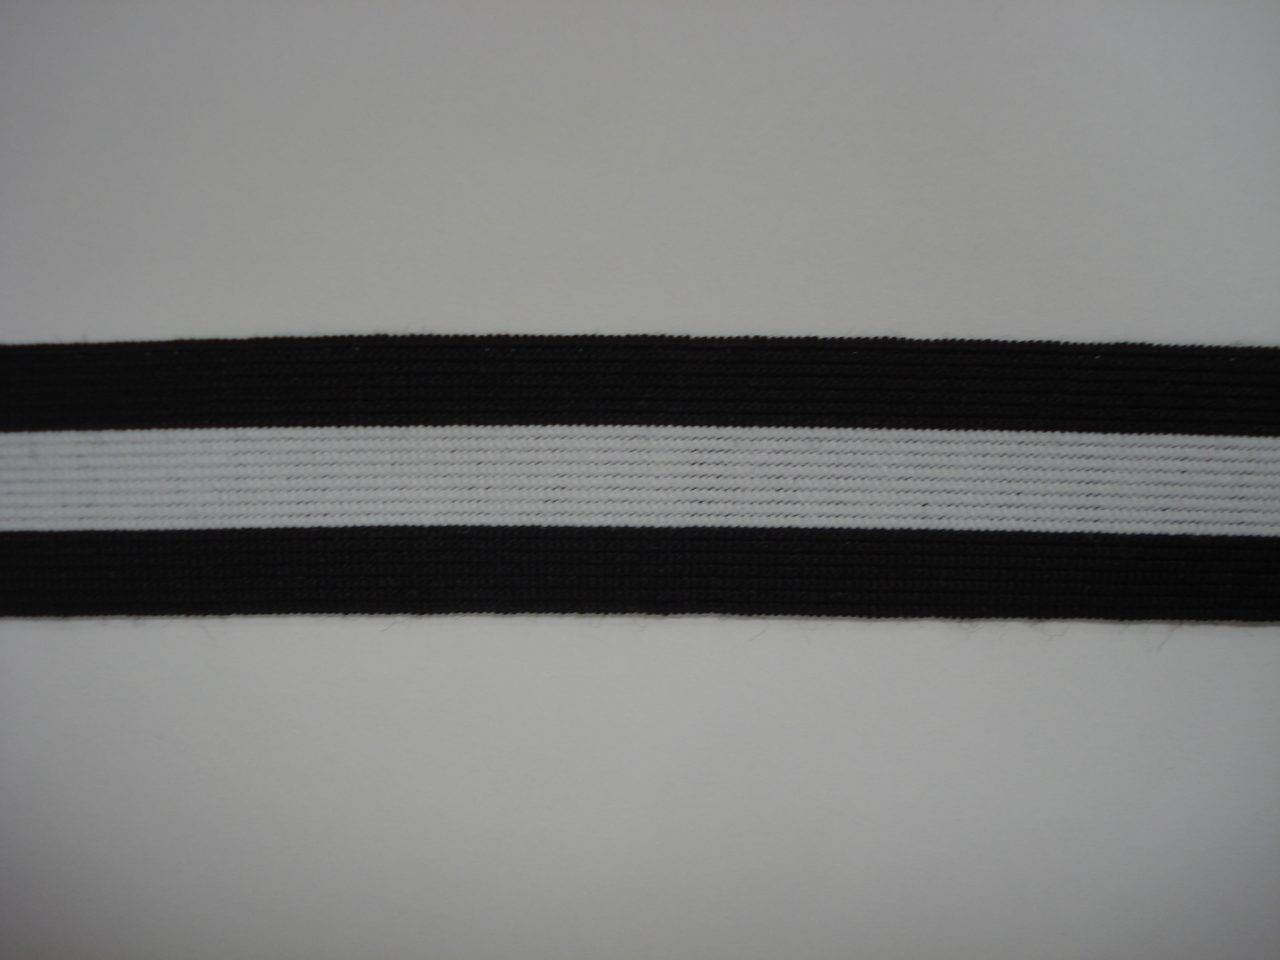 Gestreept Elastiek zwart/wit/zwart 25mm. halve meter €0,98.